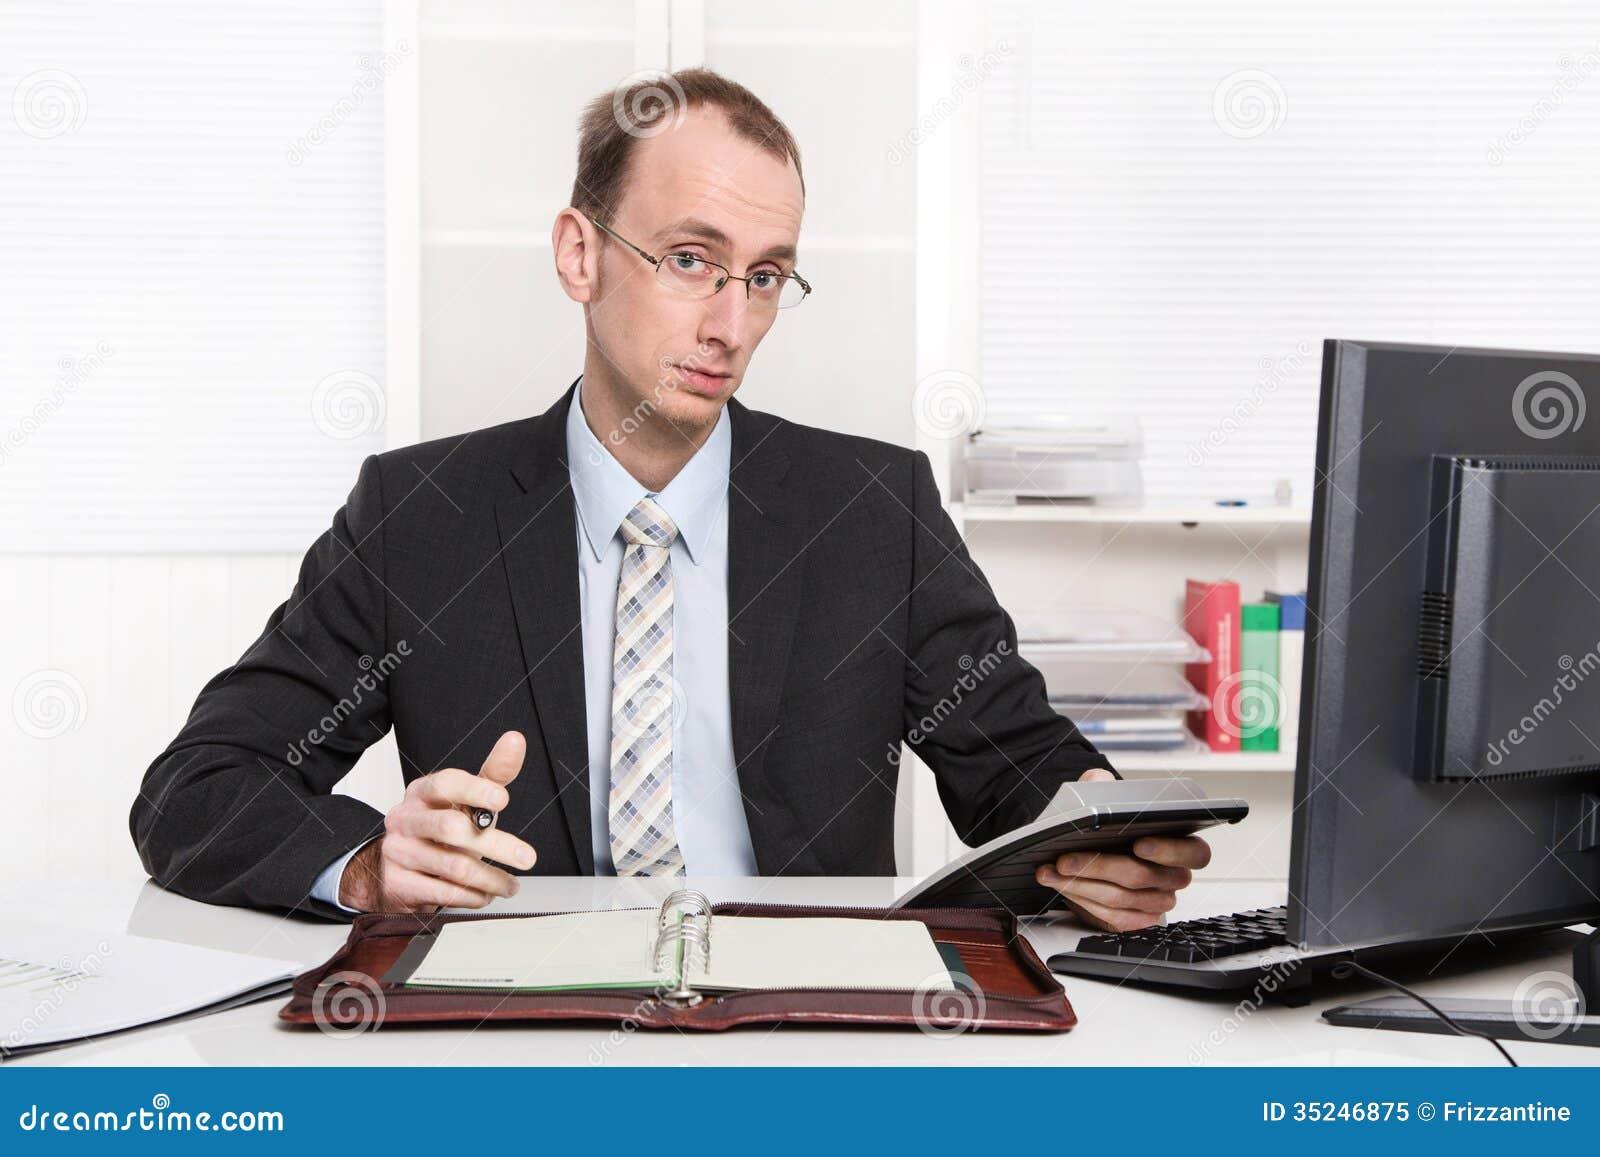 Typisk arrogant och oangenäm sitti för granskare eller för kontrollant -